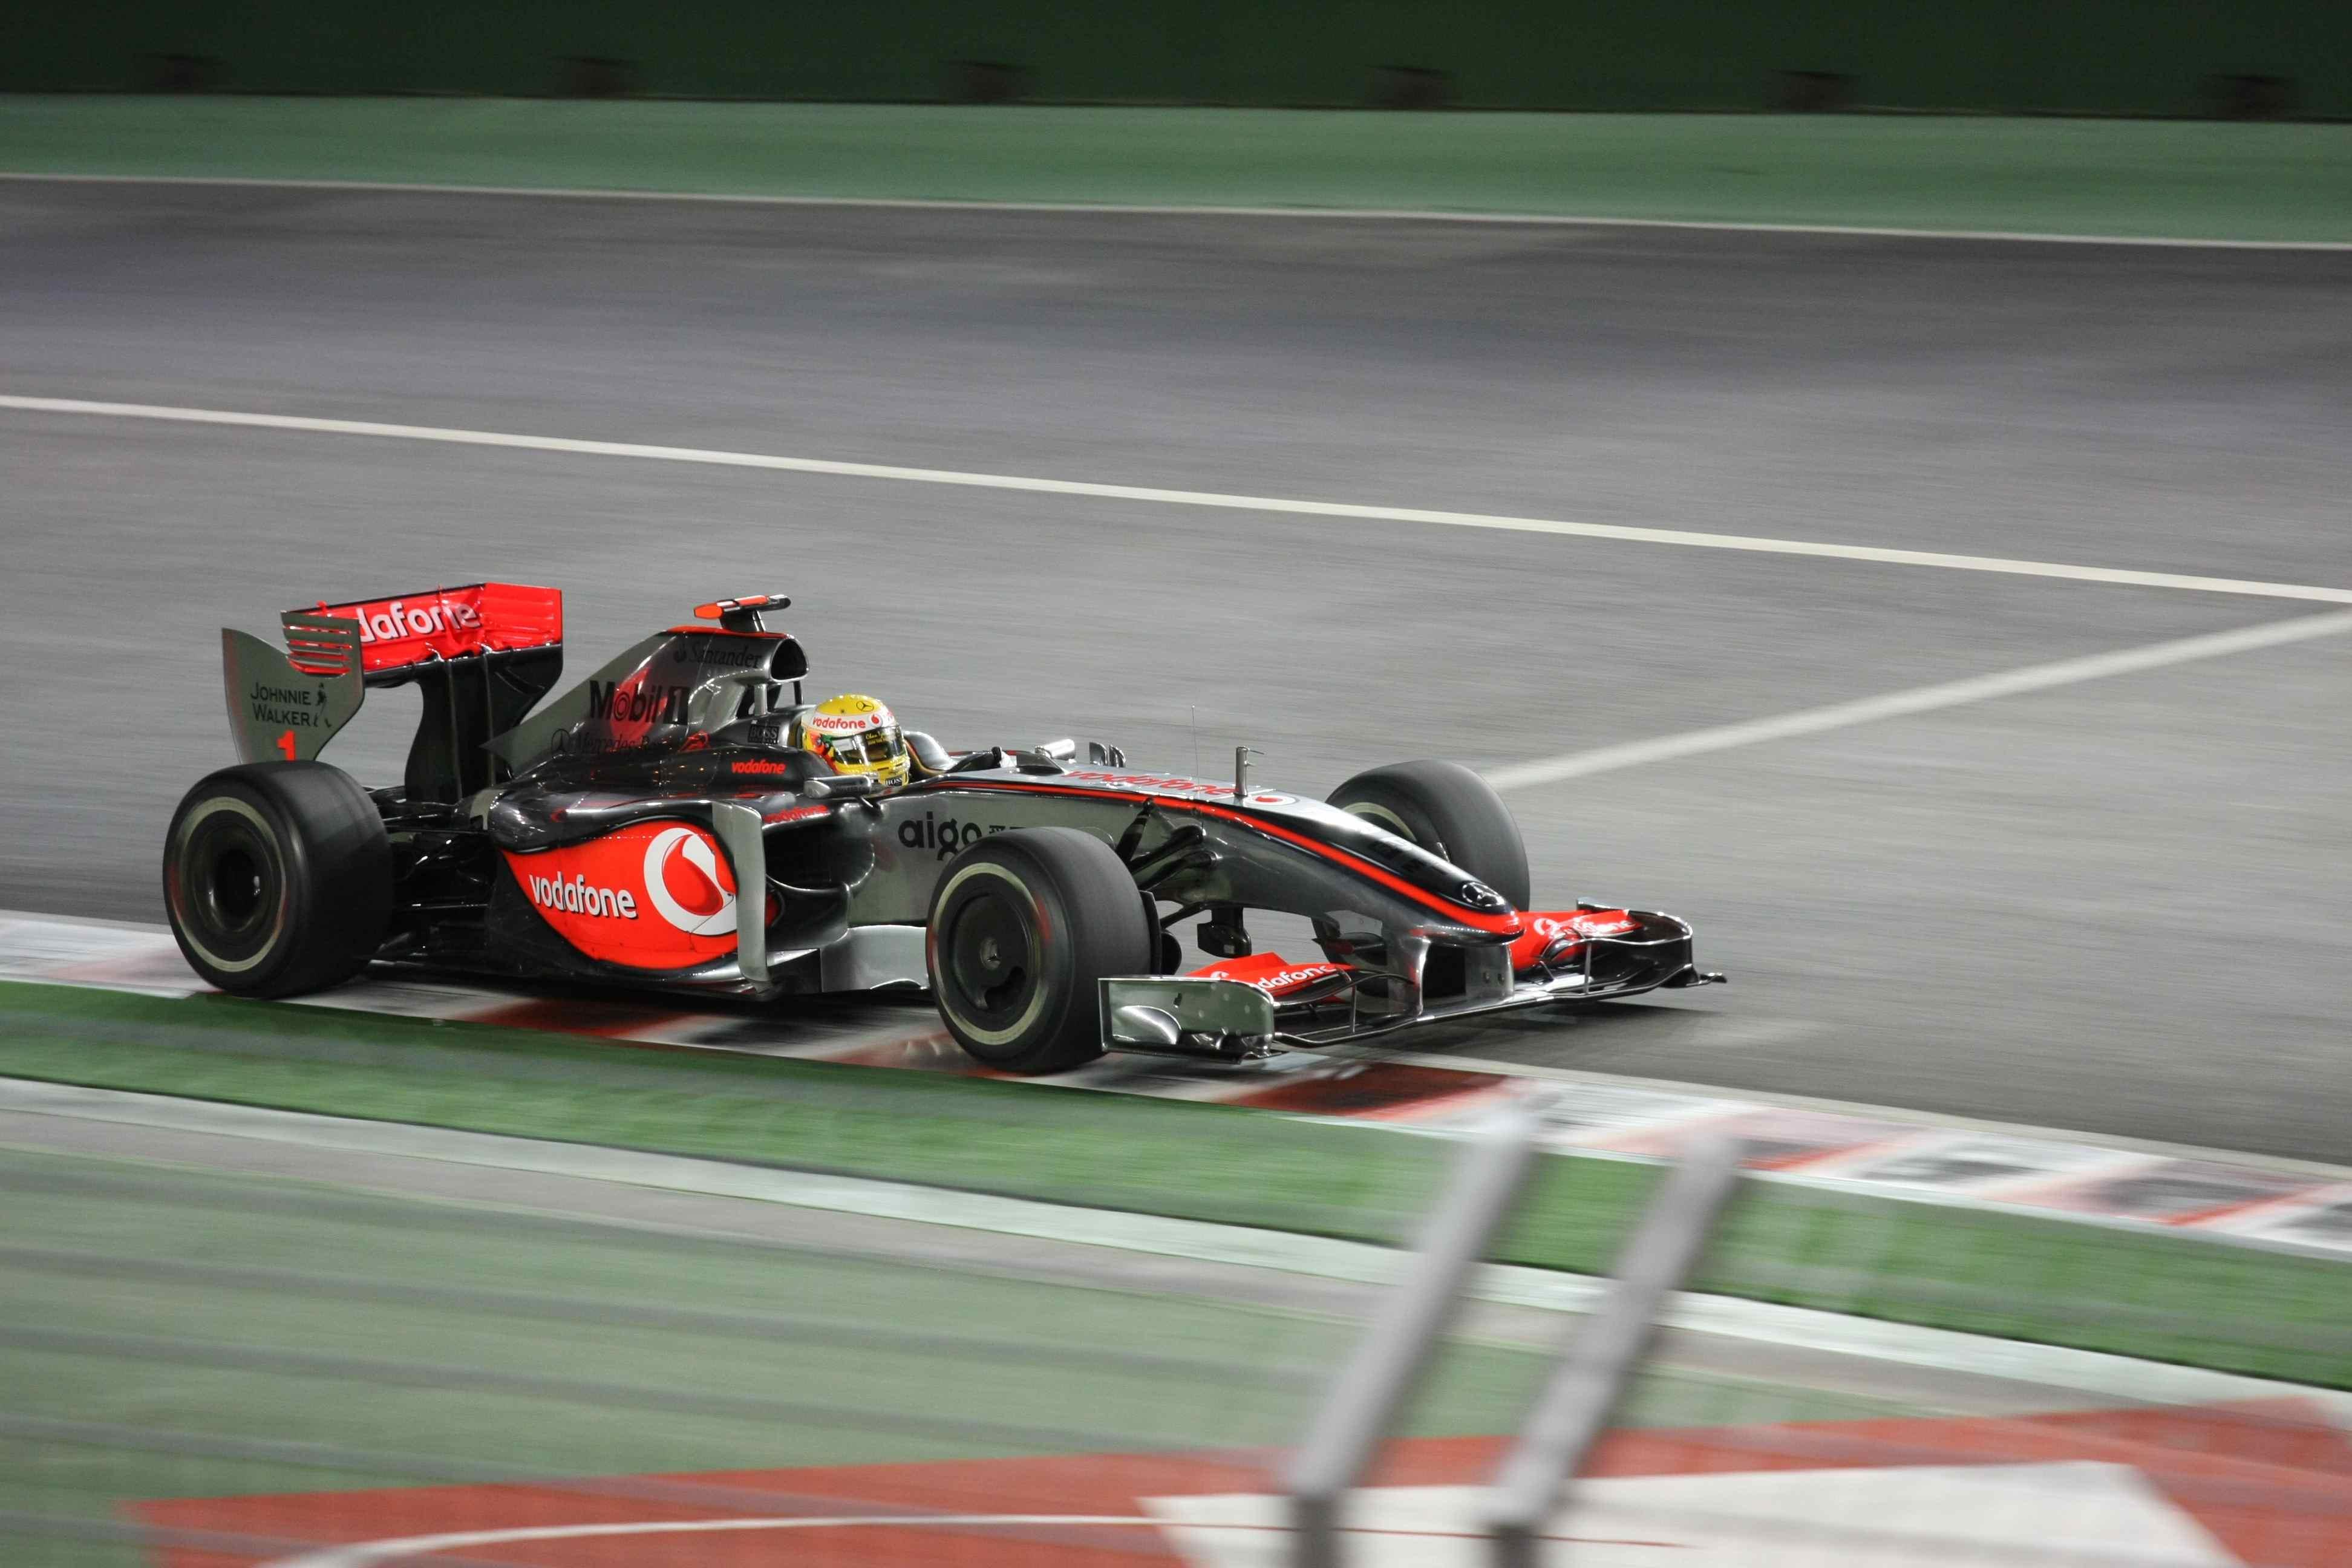 Lewis Hamilton 2009 File:lewis Hamilton 2009